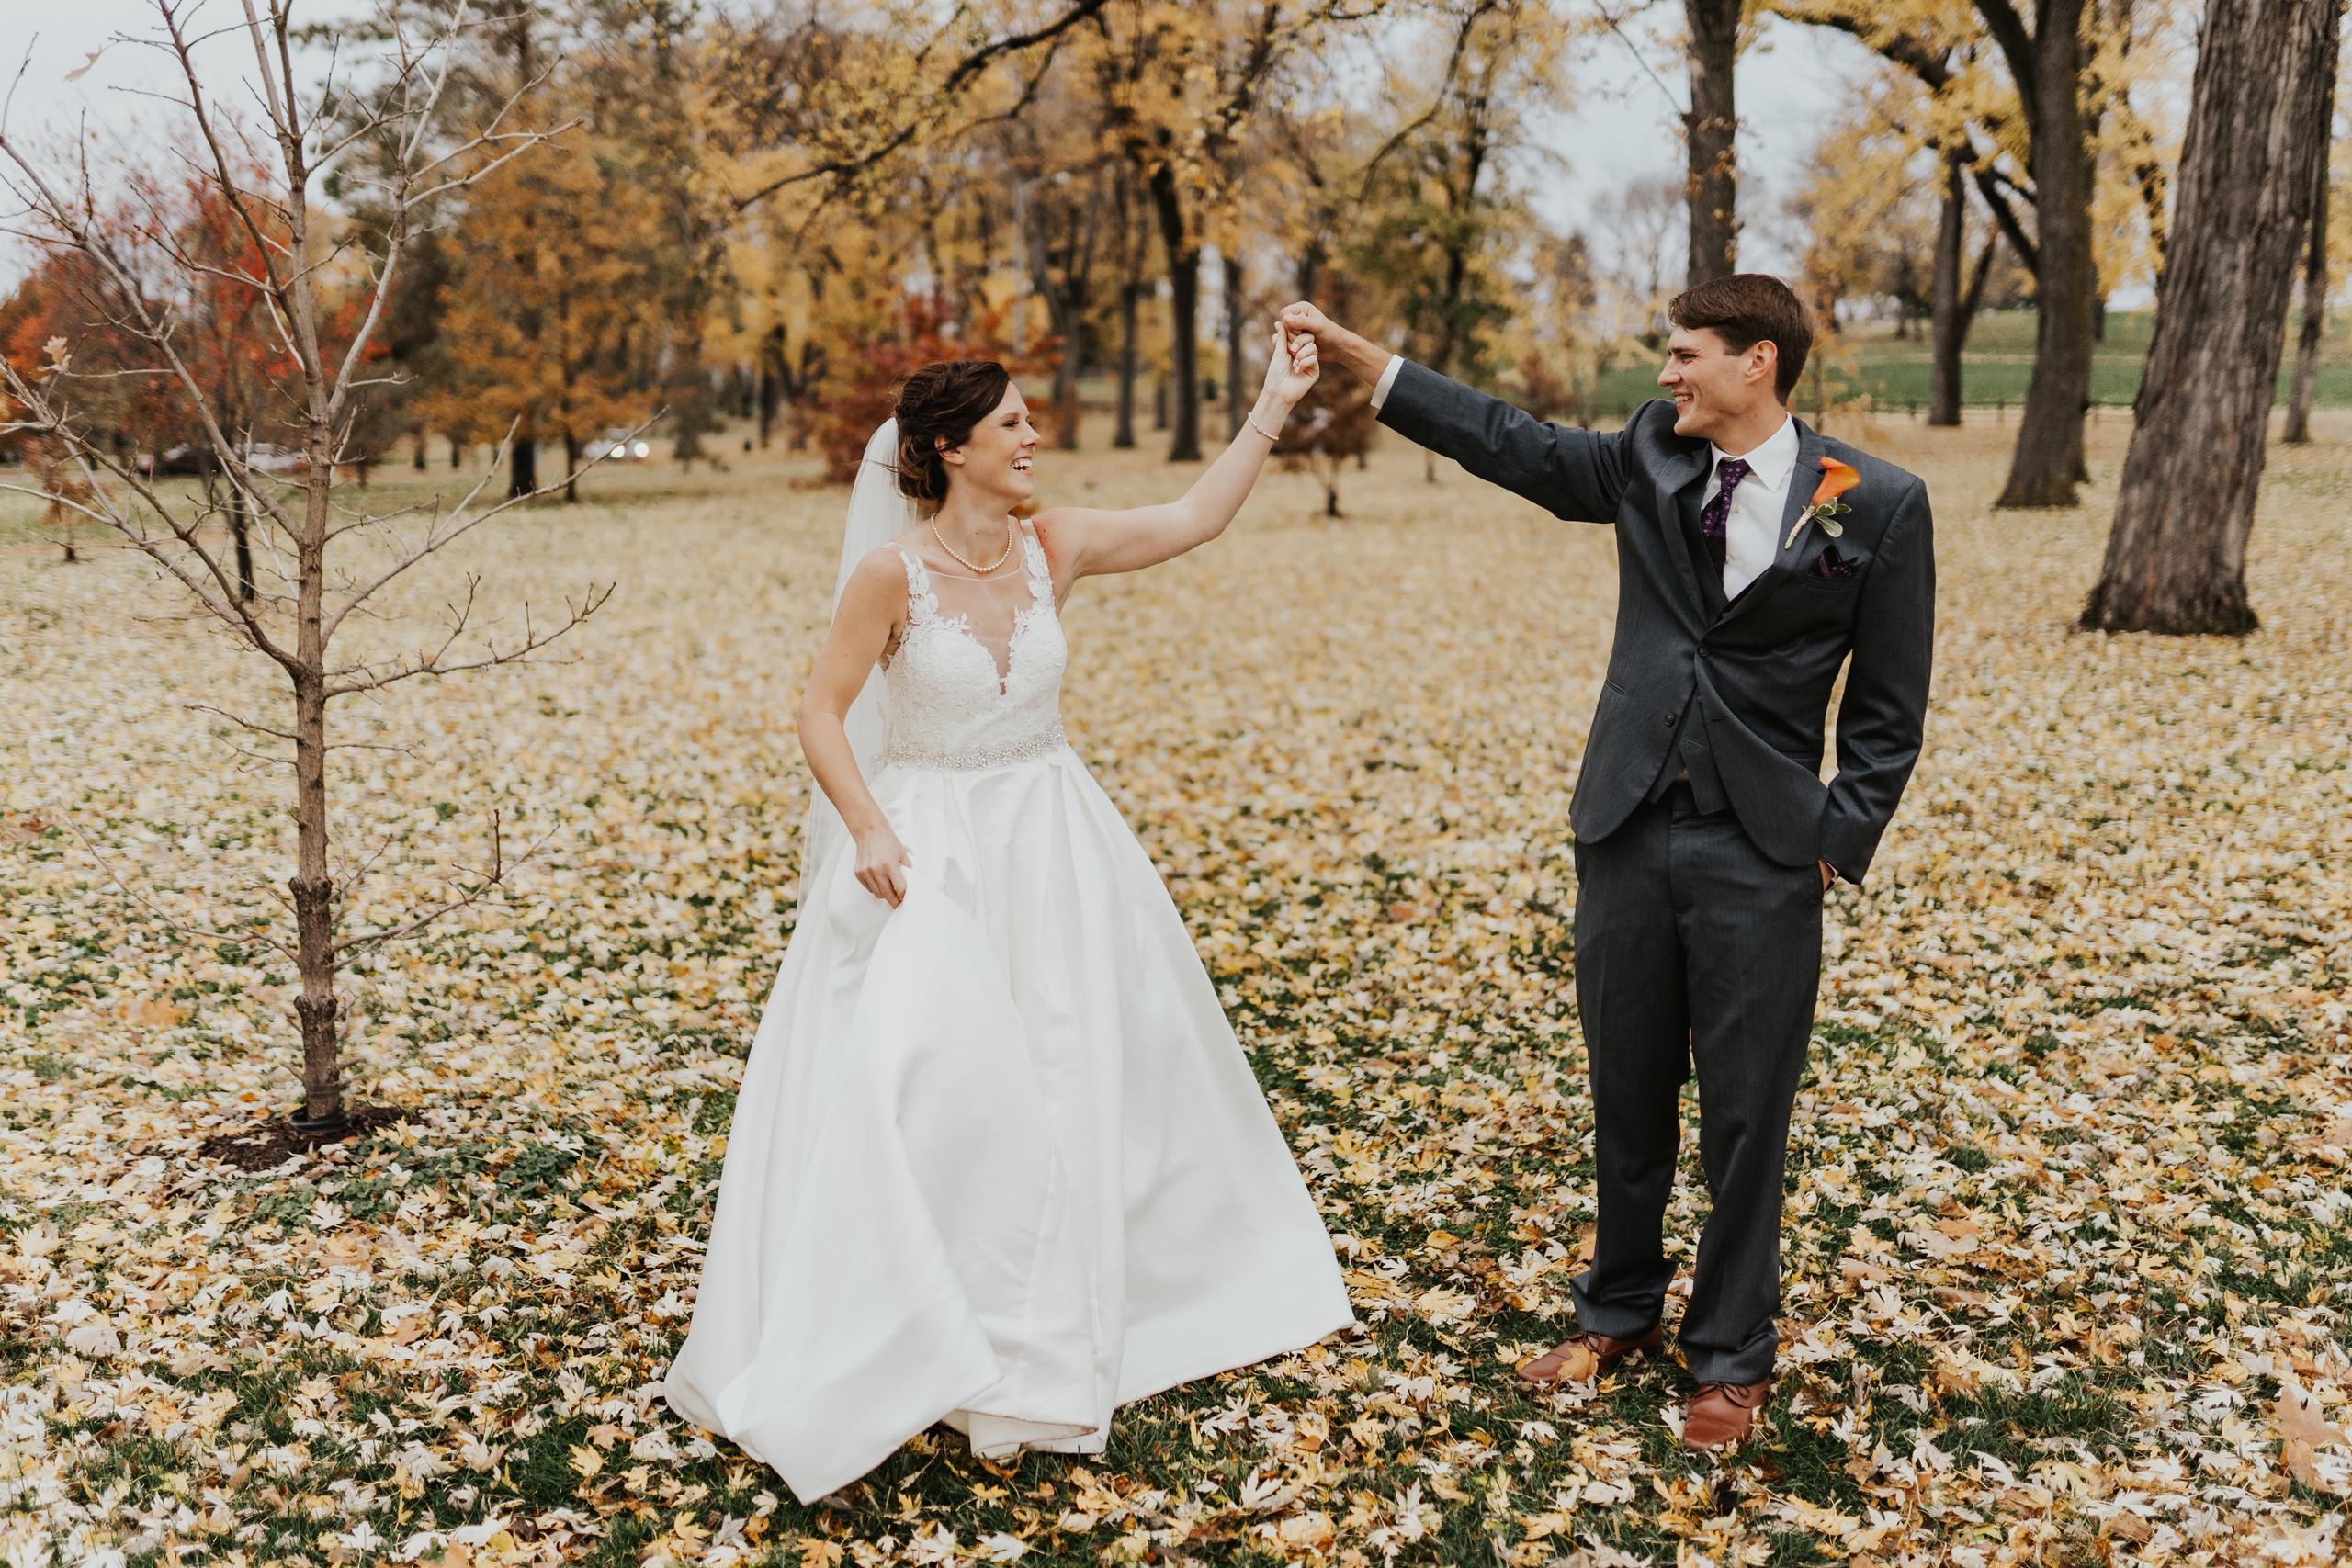 wedding photos at elmwood park